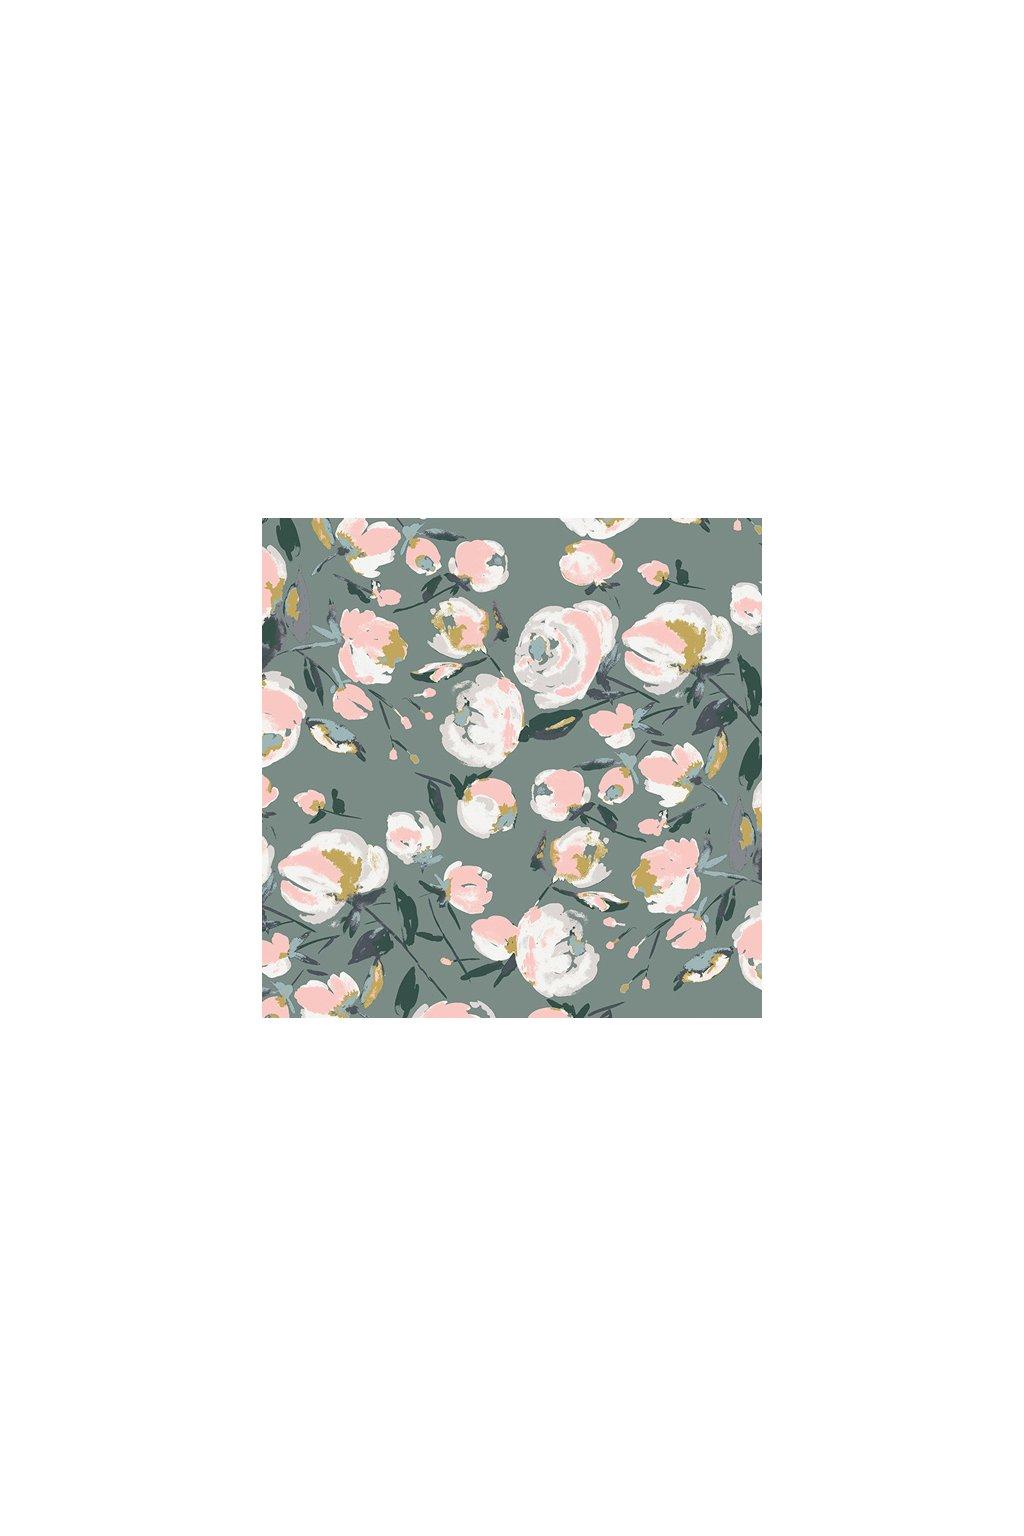 FUS SK 1303 Everlasting Blooms Sparkler 500px